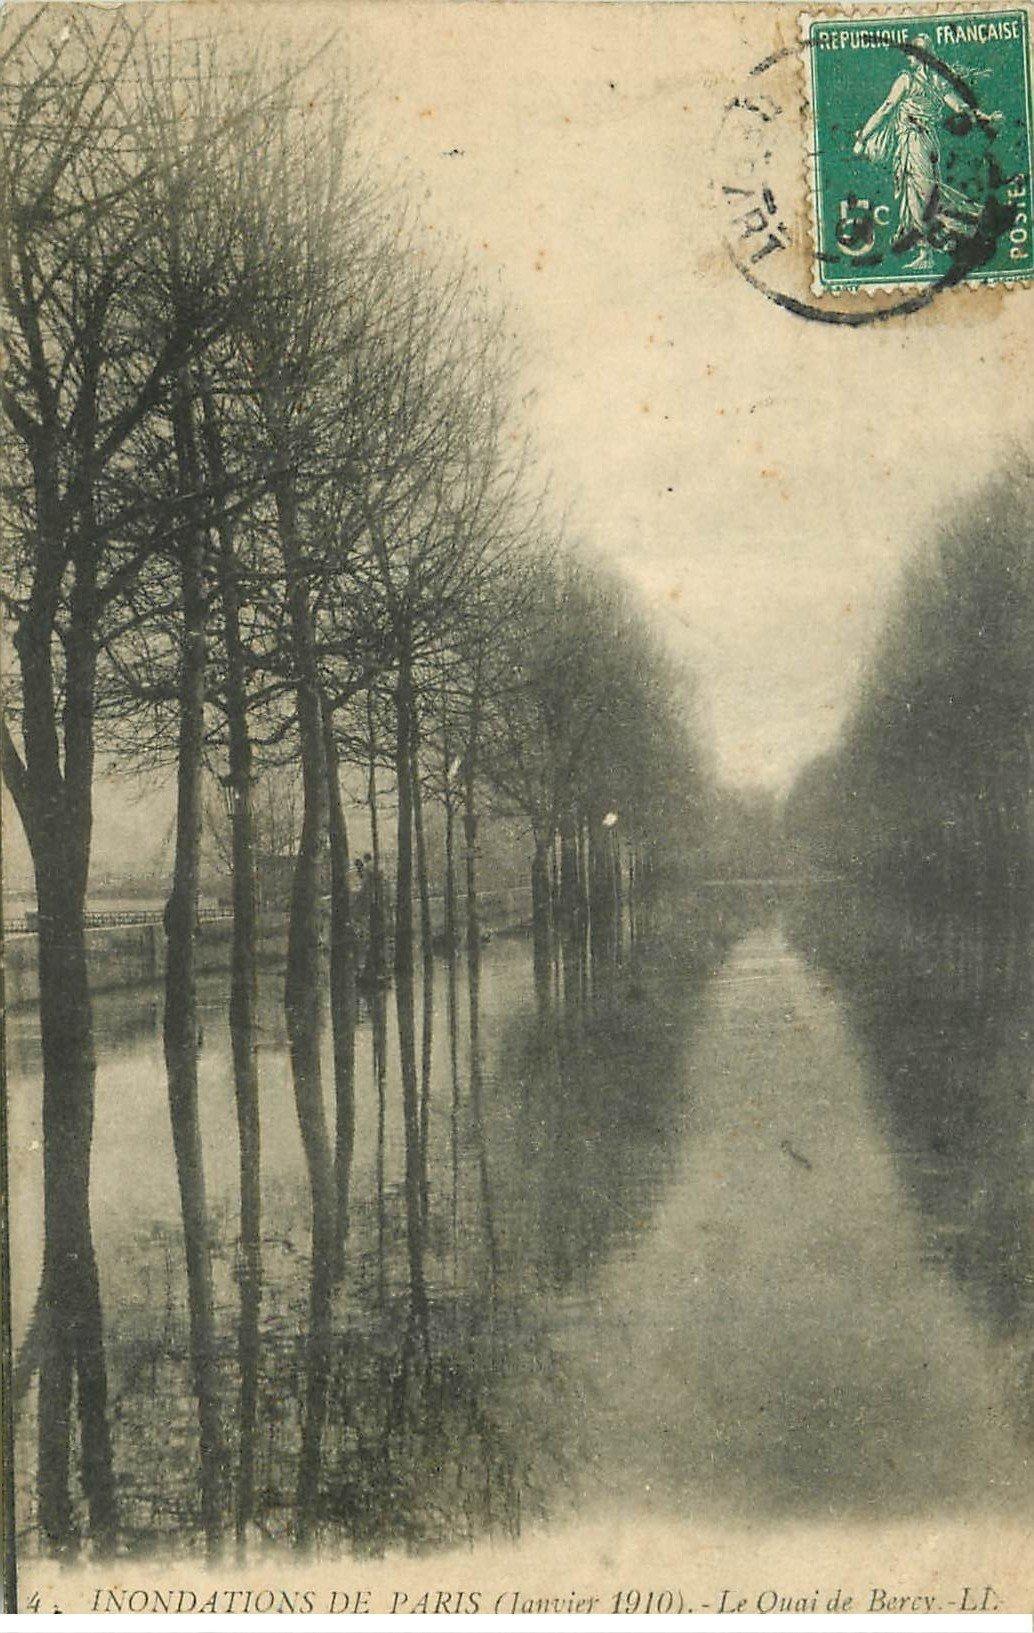 1910 INONDATION DE PARIS 12. Quai de Bercy